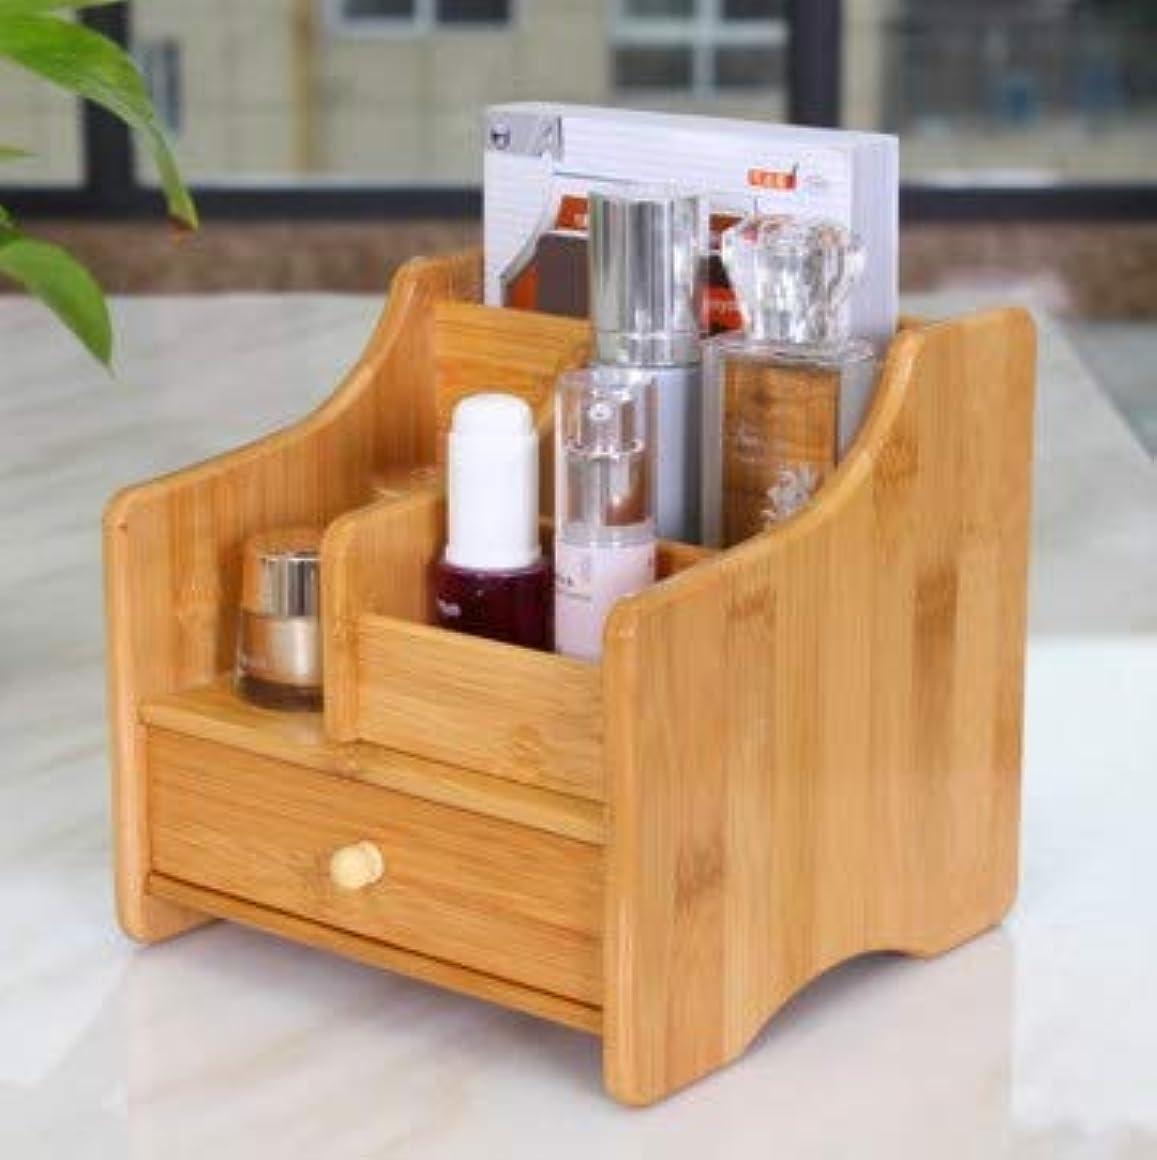 バンドル分析的な透ける竹デスクトップリモコン収納ボックスデスクトップ化粧品文房具竹棚化粧品収納ボックス